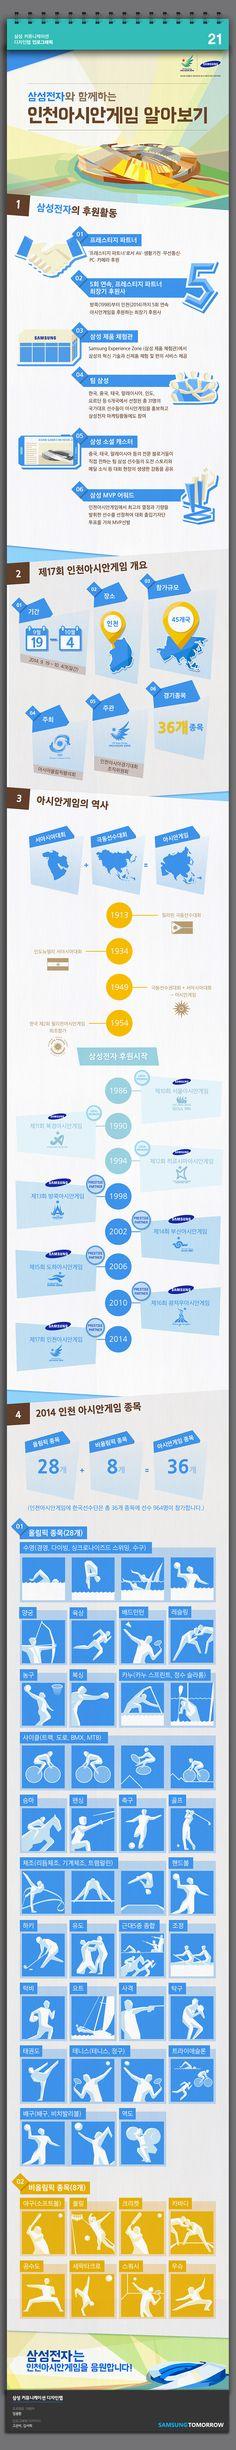 삼성전자와 함께하는 인천아시안게임에 관한 인포그래픽